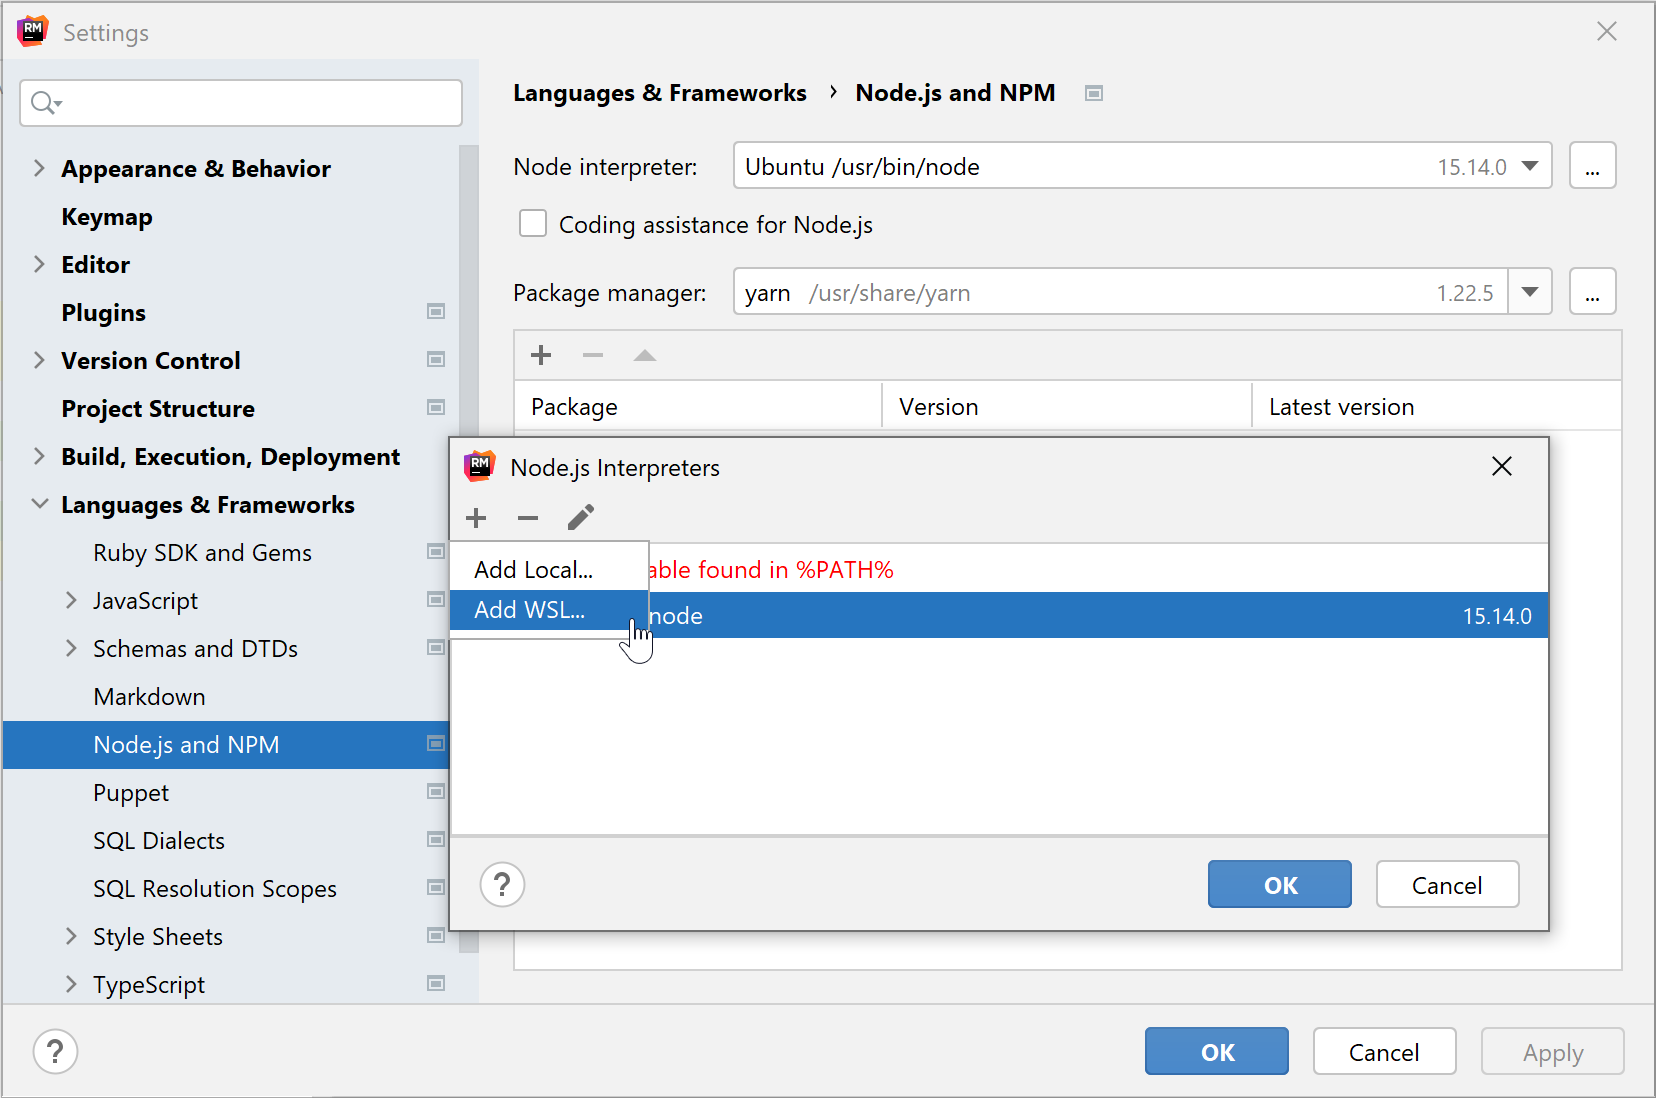 Configure WSL Node.js interpreter: add WSL